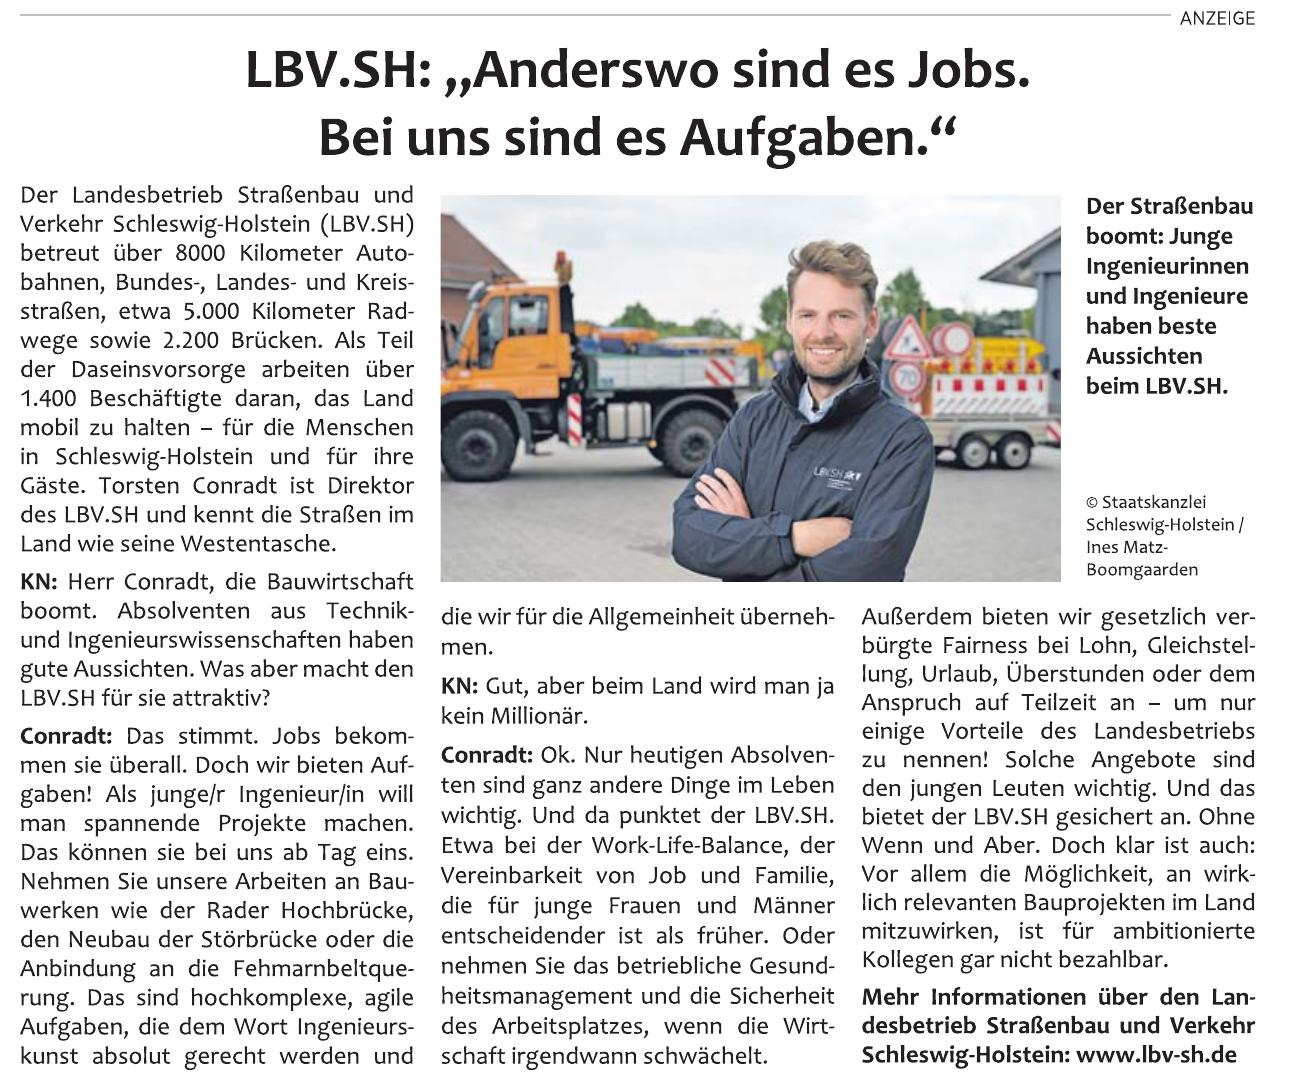 Landesbetrieb Straßenbau und Verkehr Schleswig-Holstein (LBV.SH)